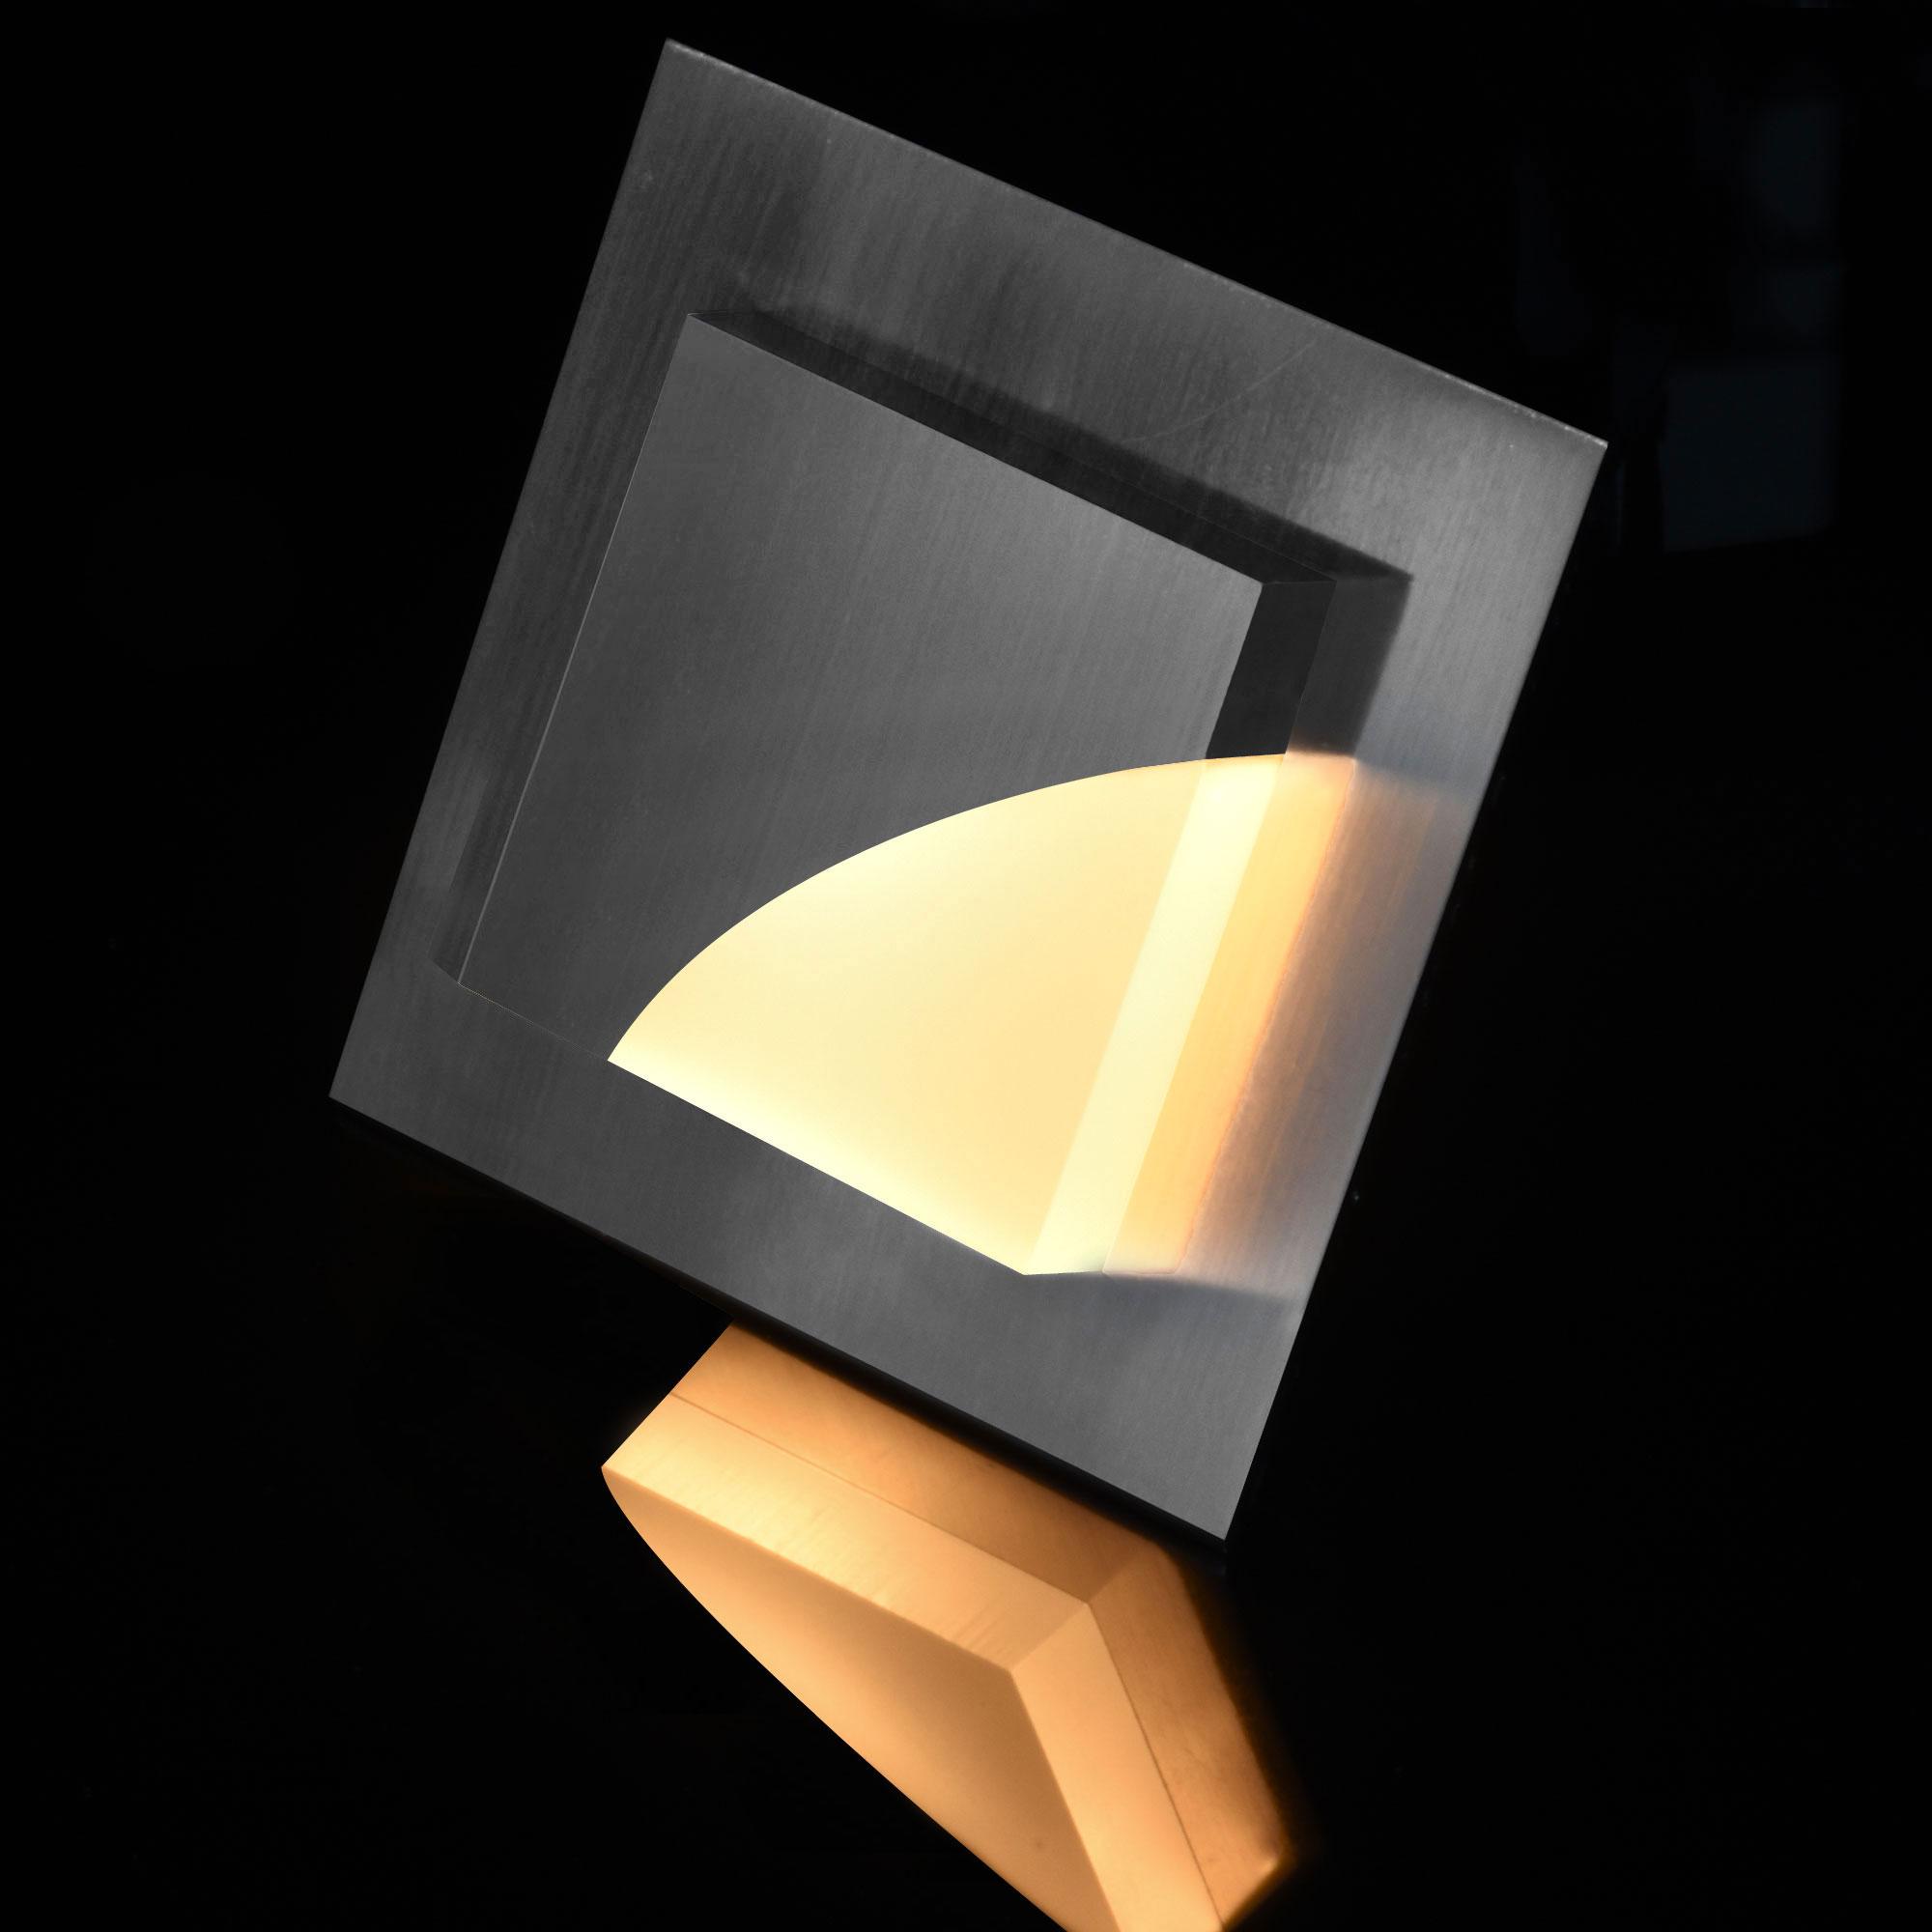 led treppenbeleuchtung stufenlicht treppenlicht treppenleuchte stufen leuchte ebay. Black Bedroom Furniture Sets. Home Design Ideas